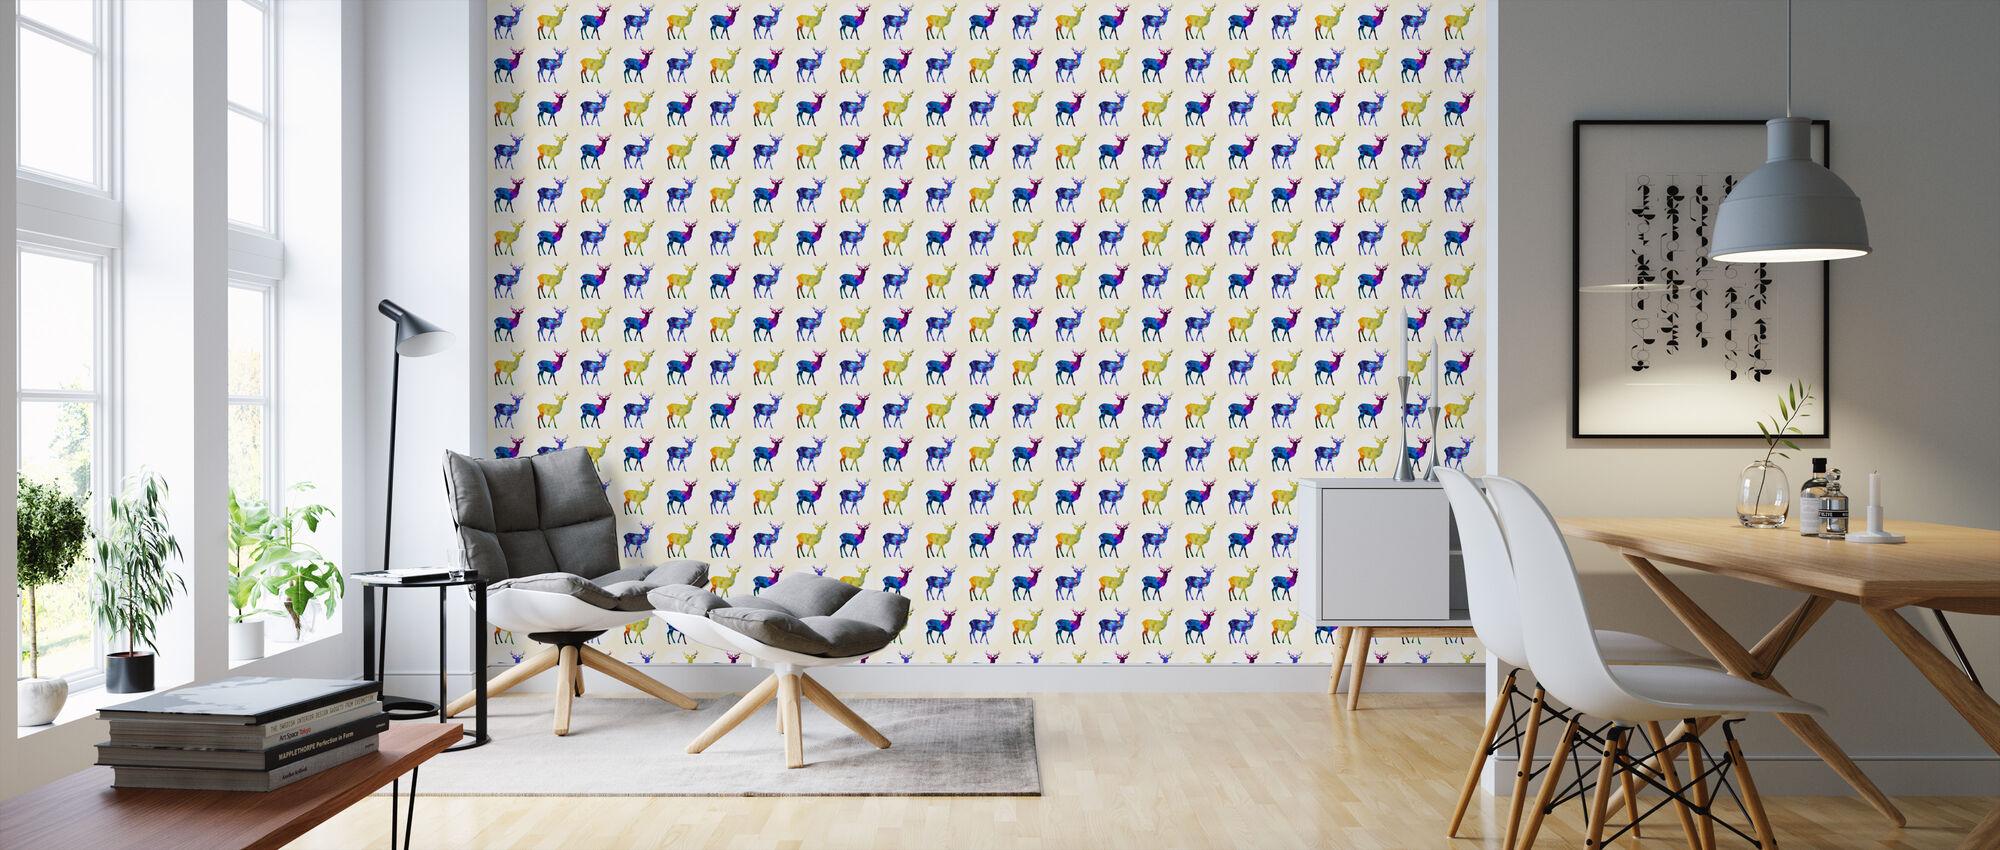 hipster elk silhouette squares stilvolle tapete h chster qualit t mit schneller lieferung. Black Bedroom Furniture Sets. Home Design Ideas